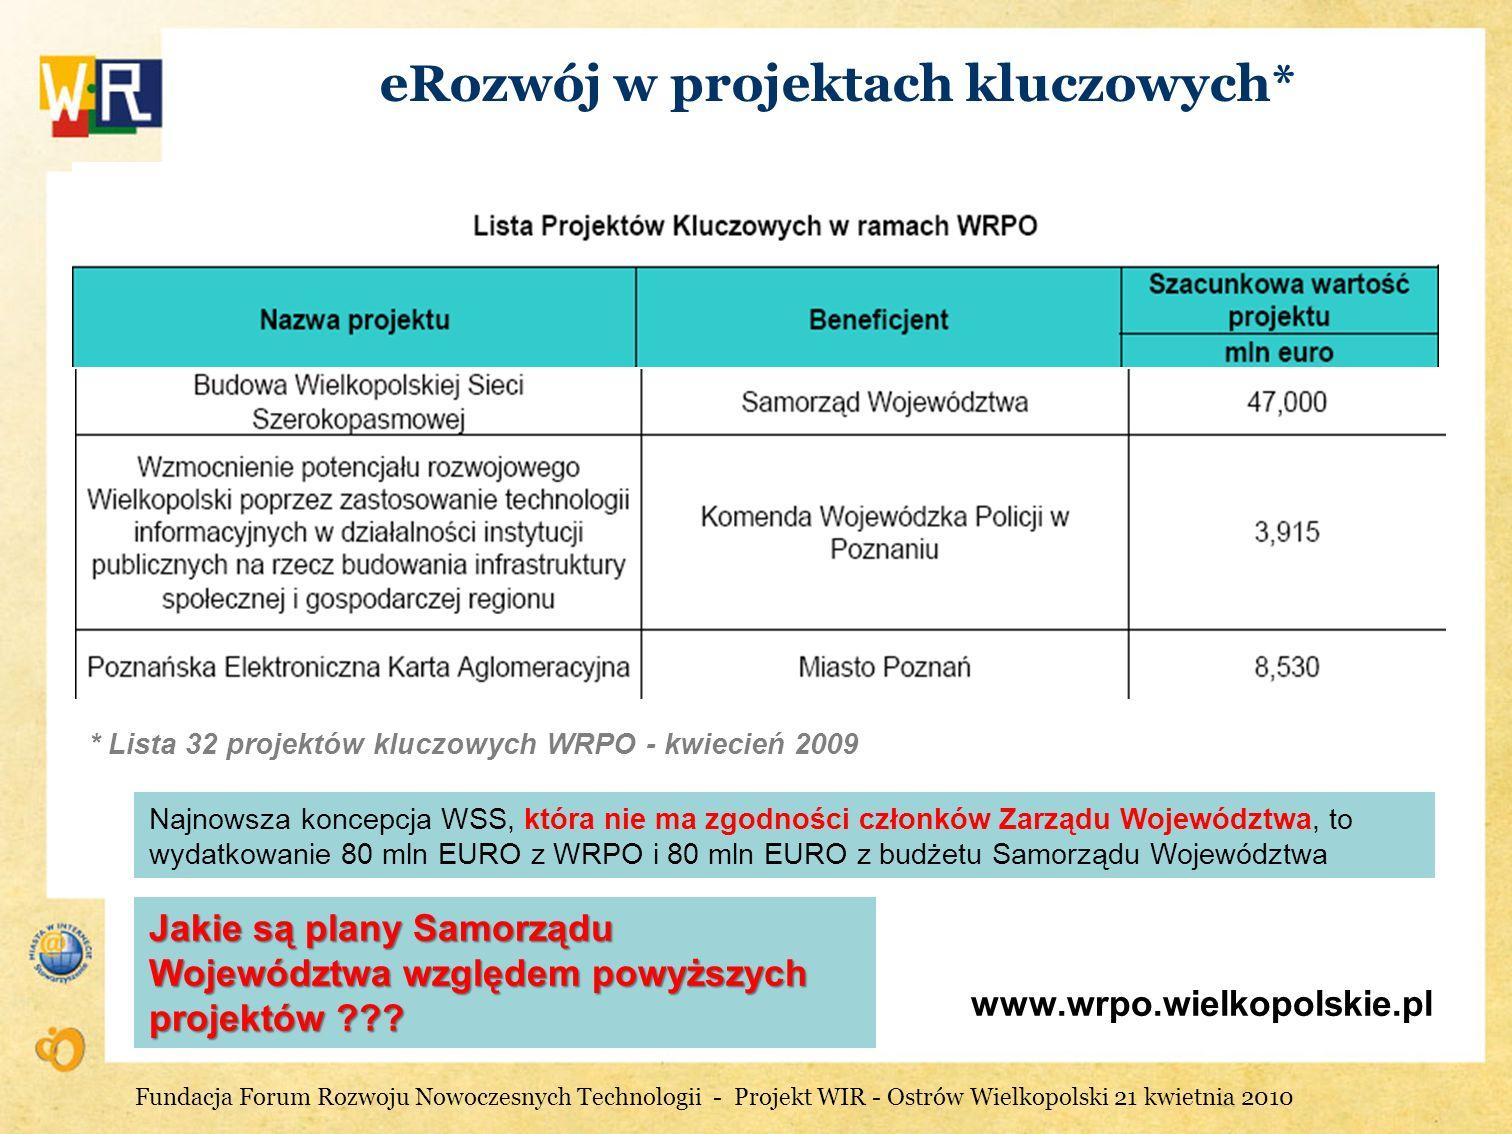 eRozwój w projektach kluczowych* www.wrpo.wielkopolskie.pl * Lista 32 projektów kluczowych WRPO - kwiecień 2009 Najnowsza koncepcja WSS, która nie ma